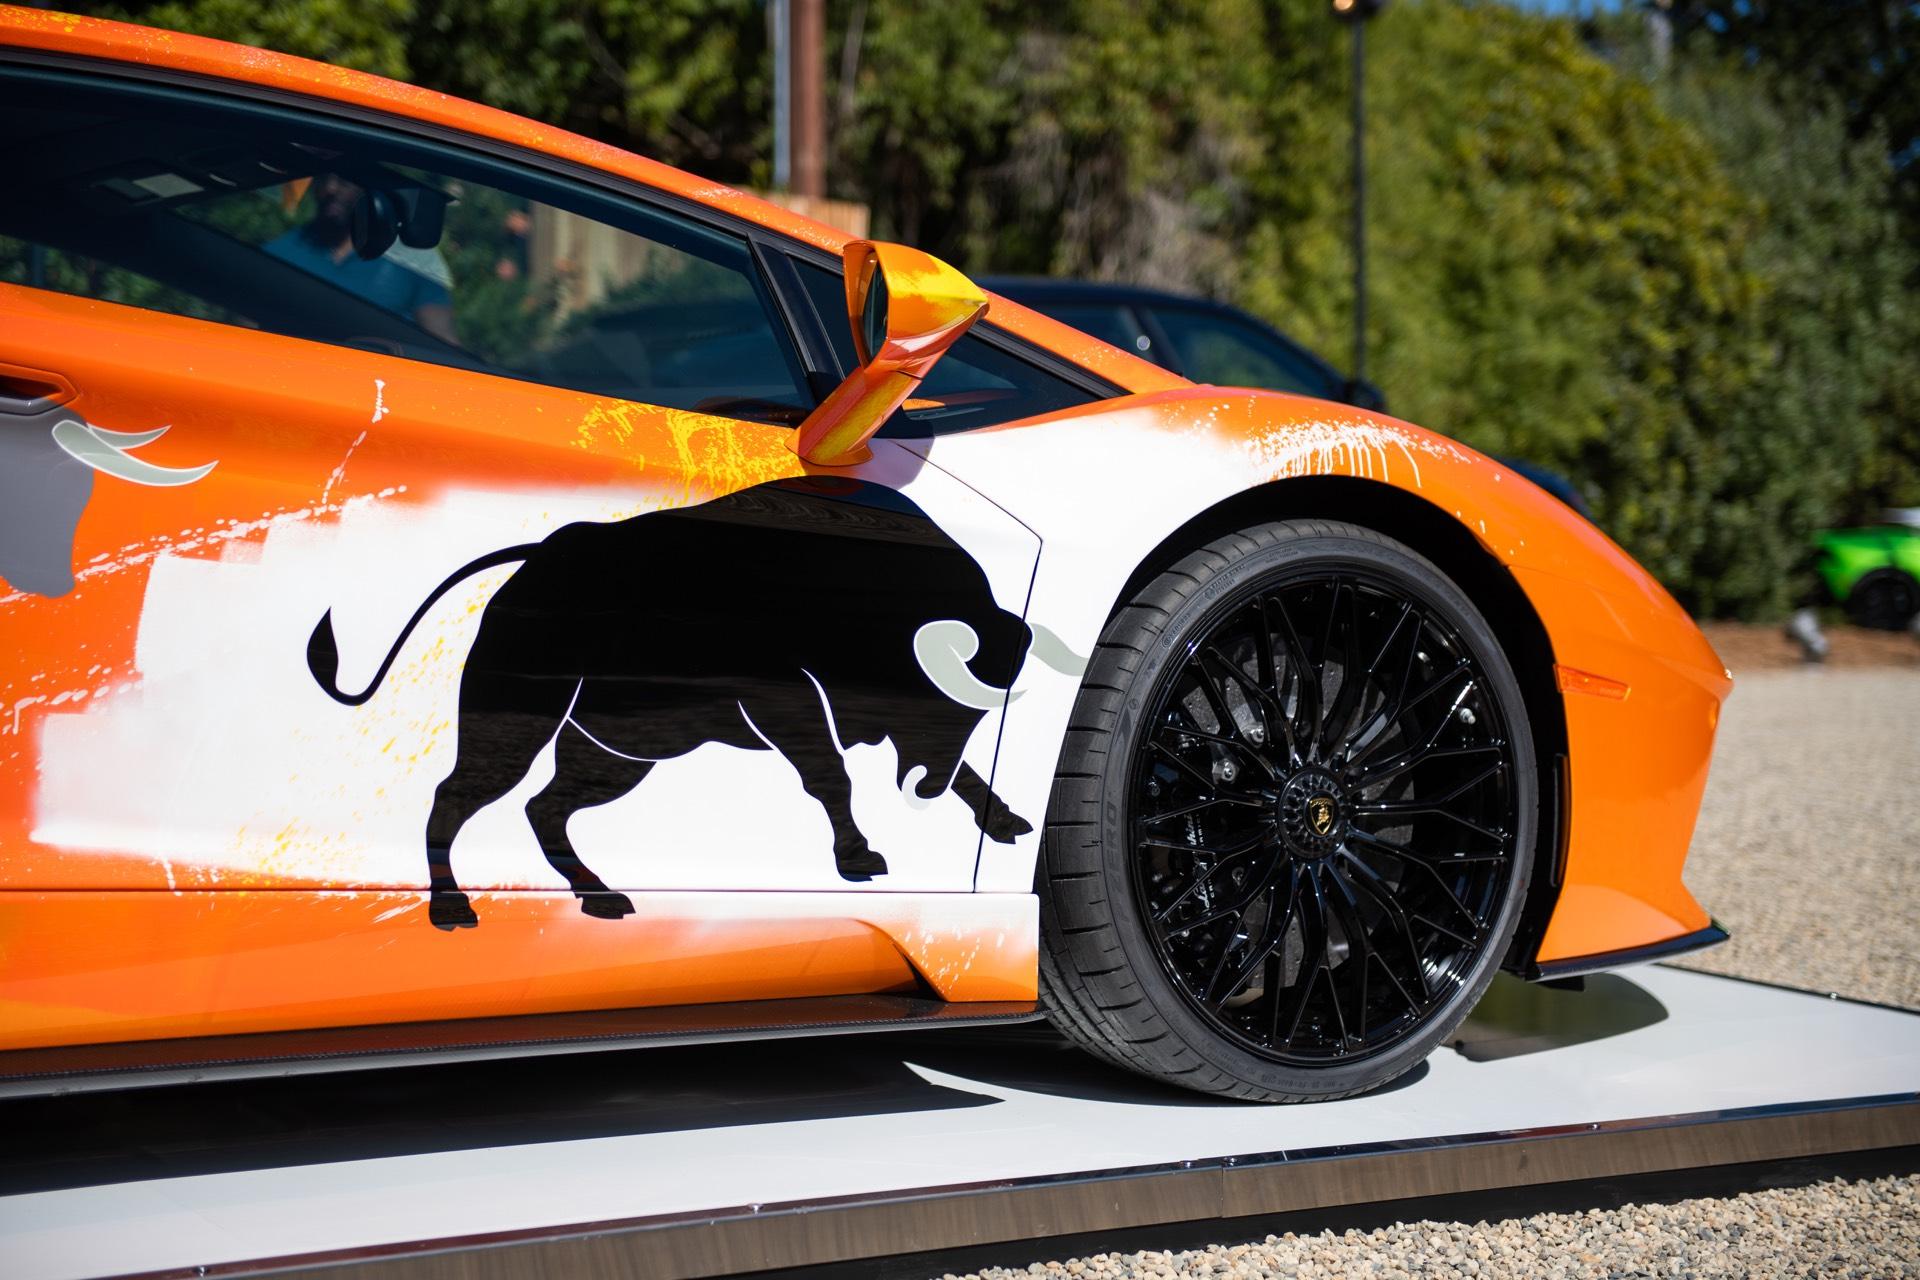 Skyler-Grey-Lamborghini-Aventador-S-Art-Car43